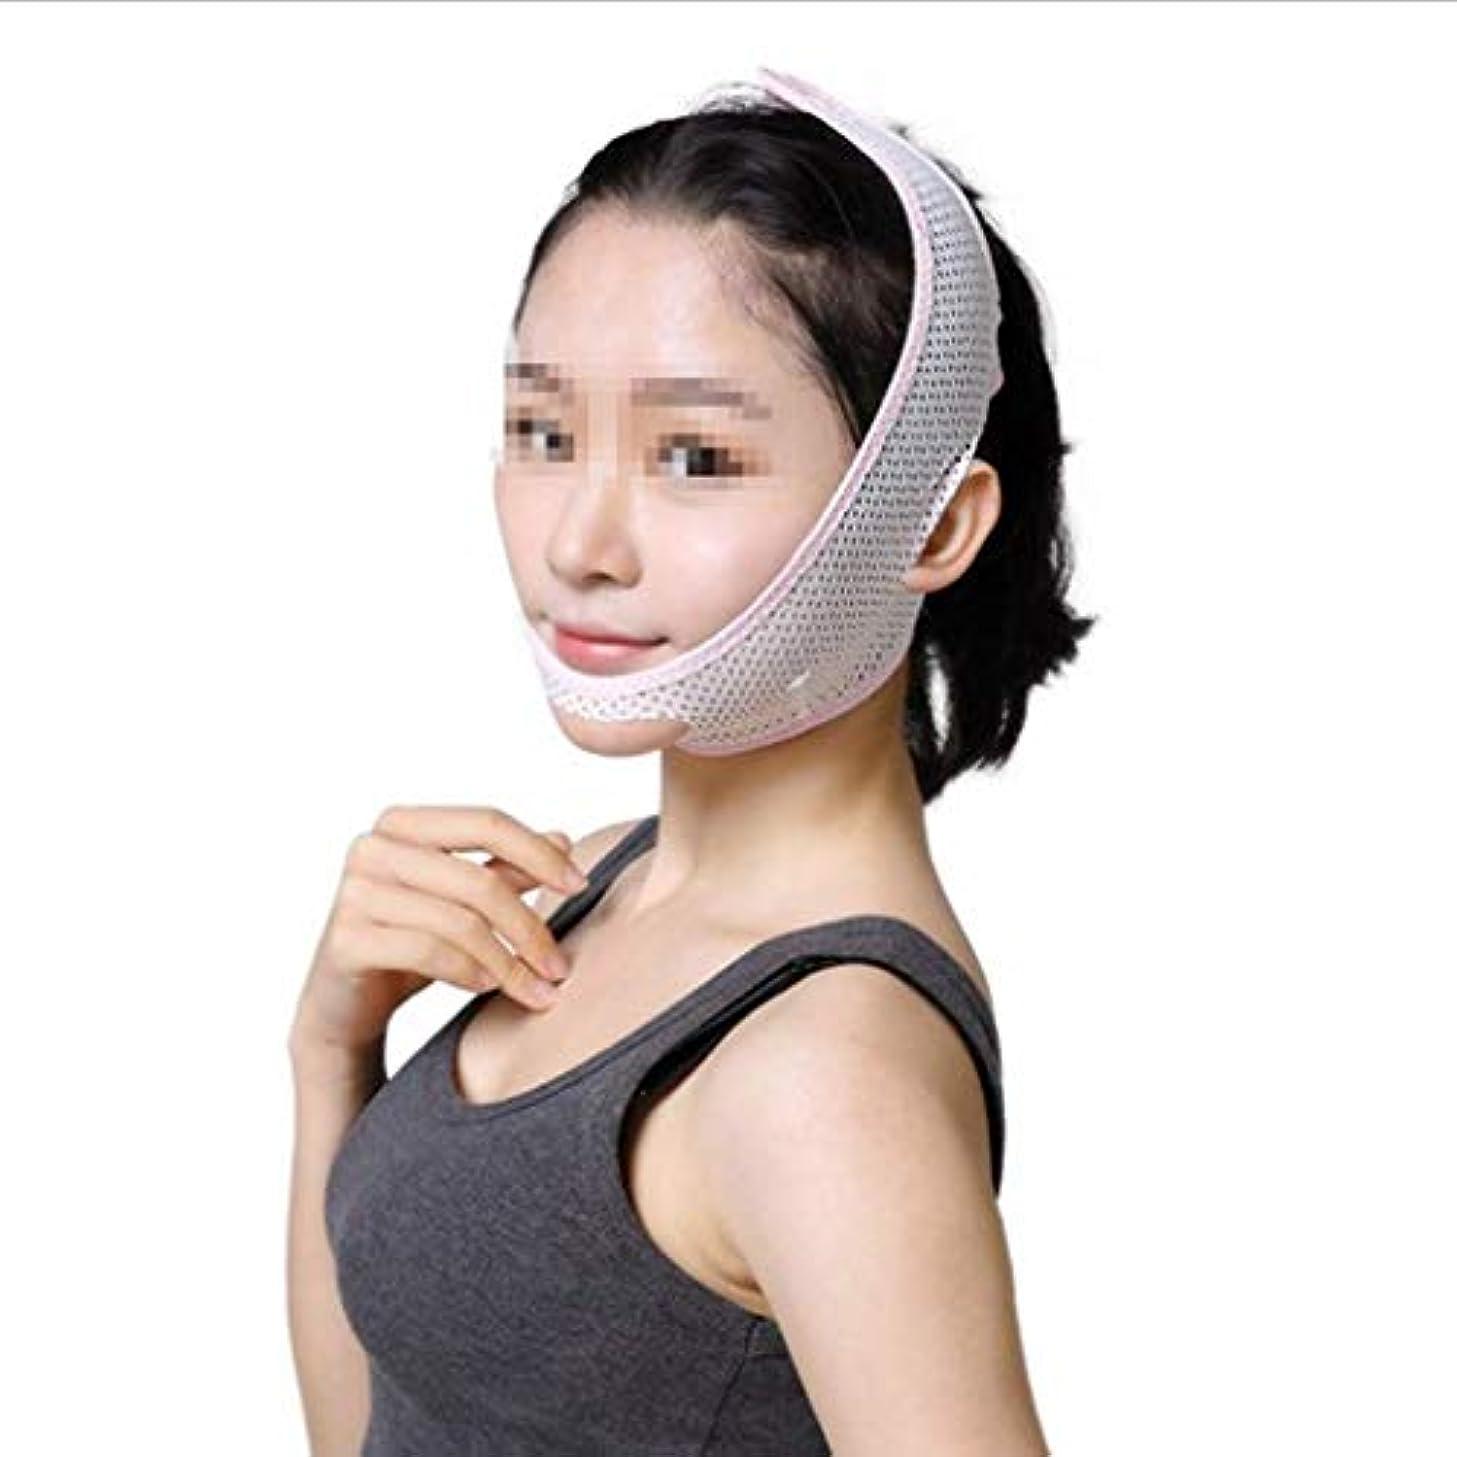 トレーニング考えアラバマ超薄型通気性フェイスマスク、包帯Vフェイスマスクフェイスリフティングファーミングダブルチンシンフェイスベルト(サイズ:M)